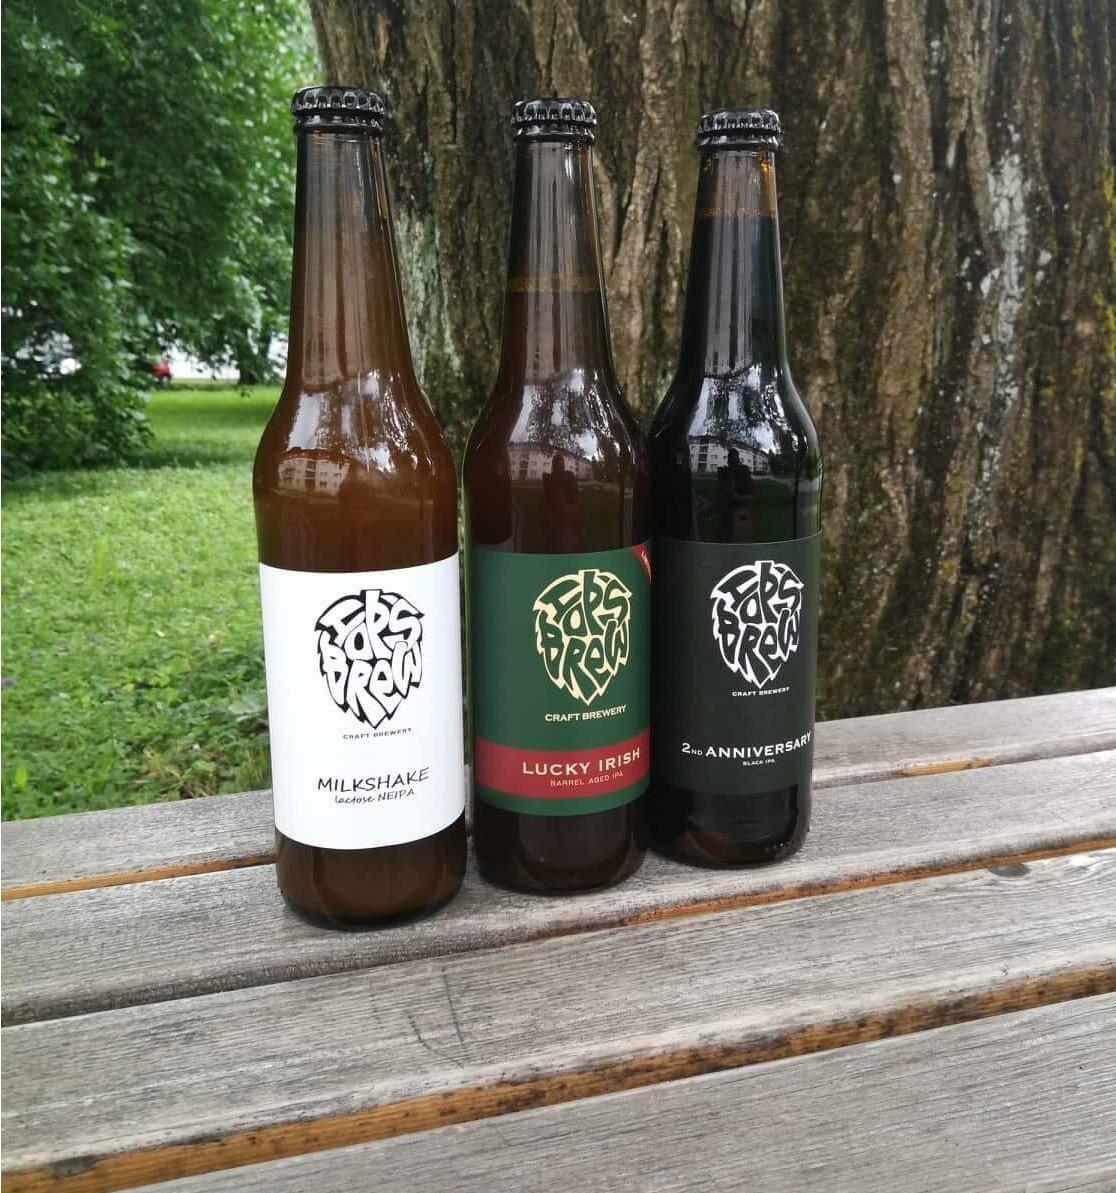 Milkshake, Lucky Irish, 2nd Anniversary IPA, uveljavljena piva iz pivovarne Hopsbrew